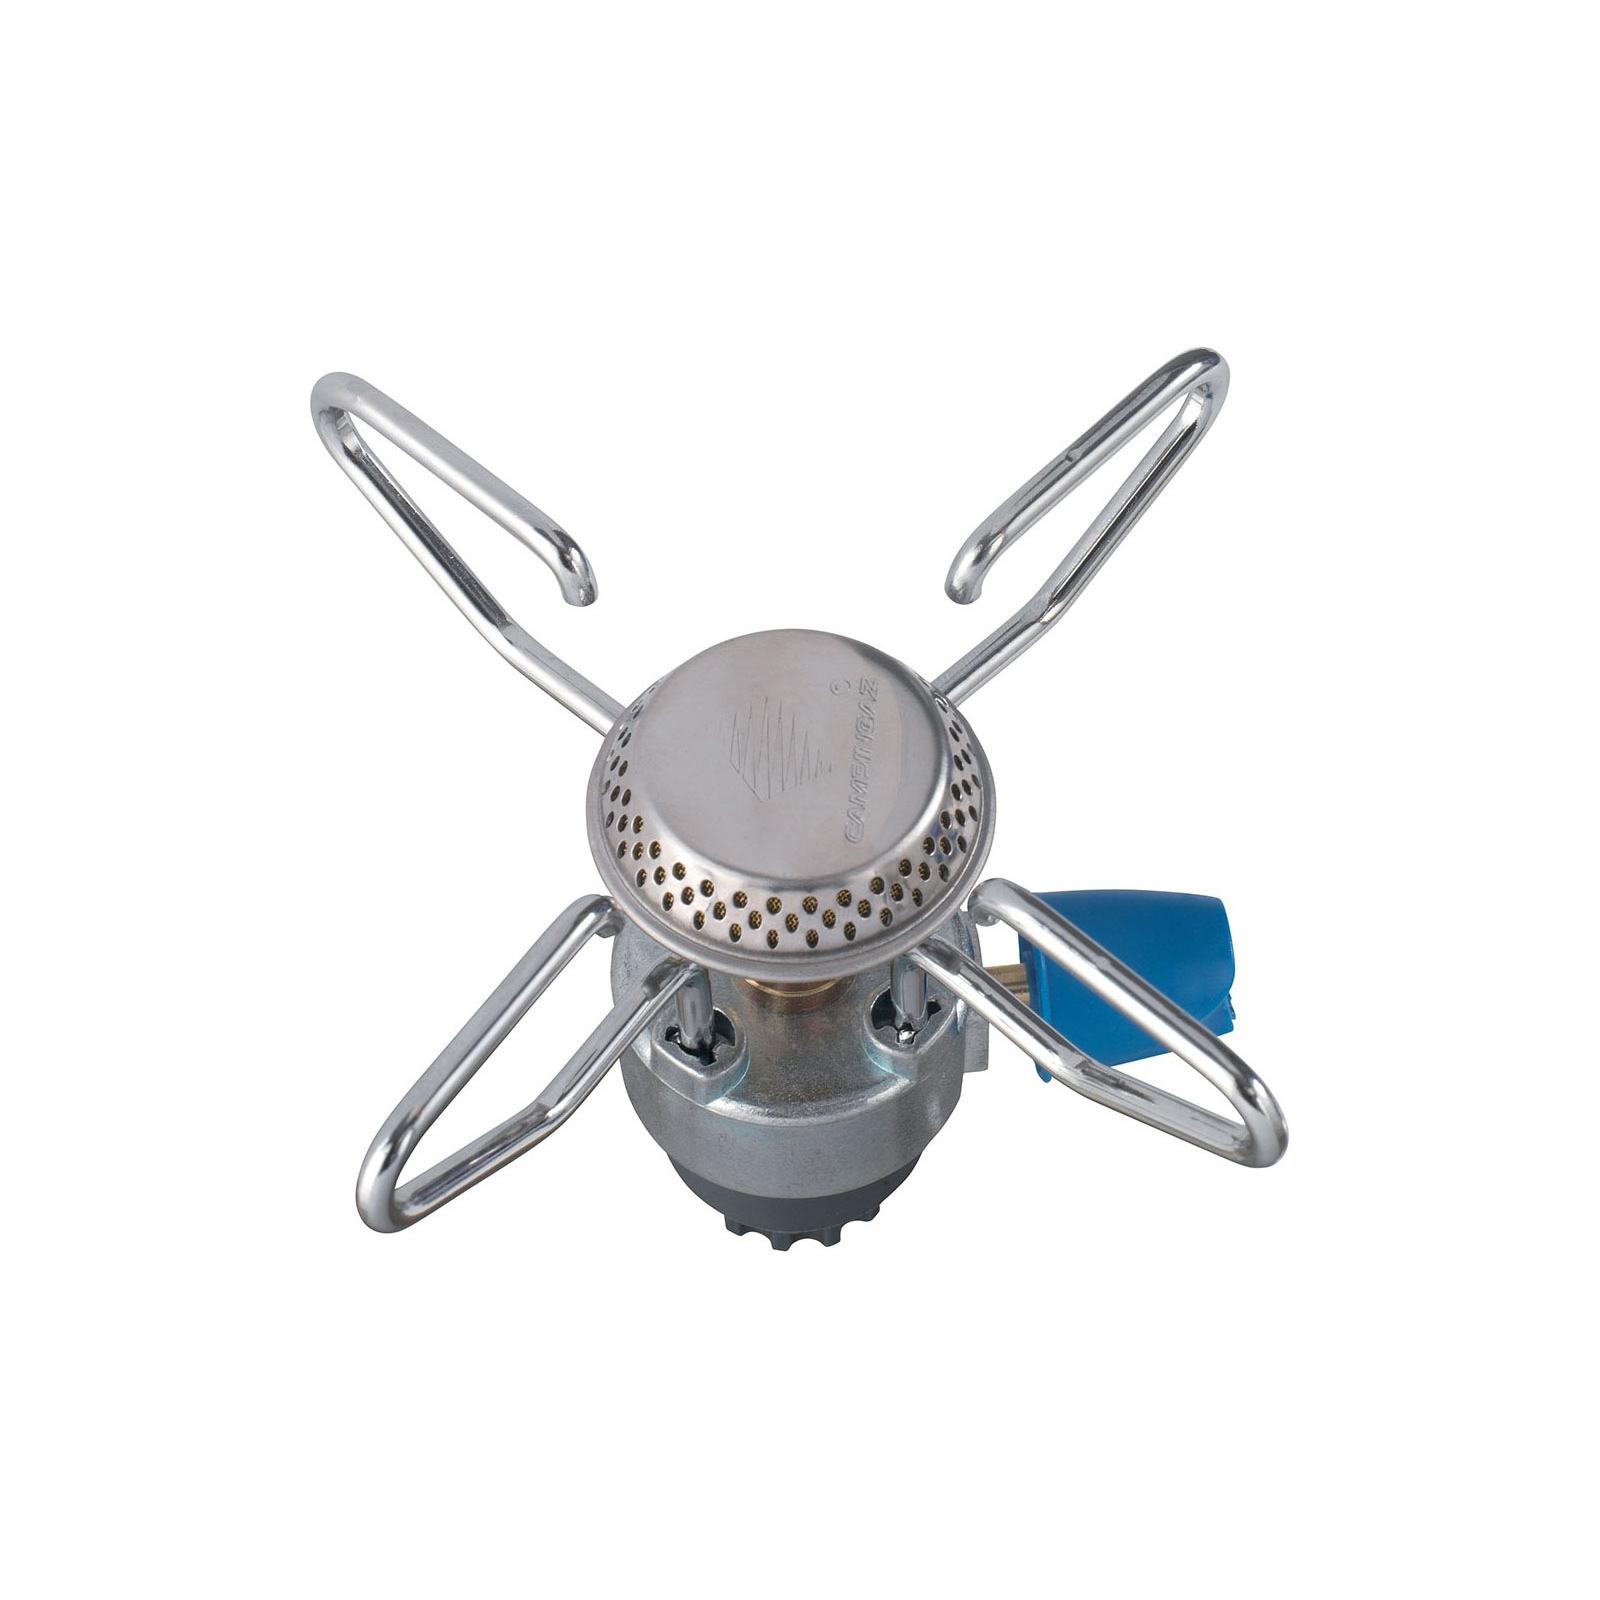 Газовая плитка Campingaz Bleuet 270 Micro Plus + CV 300 (204186S) изображение 3